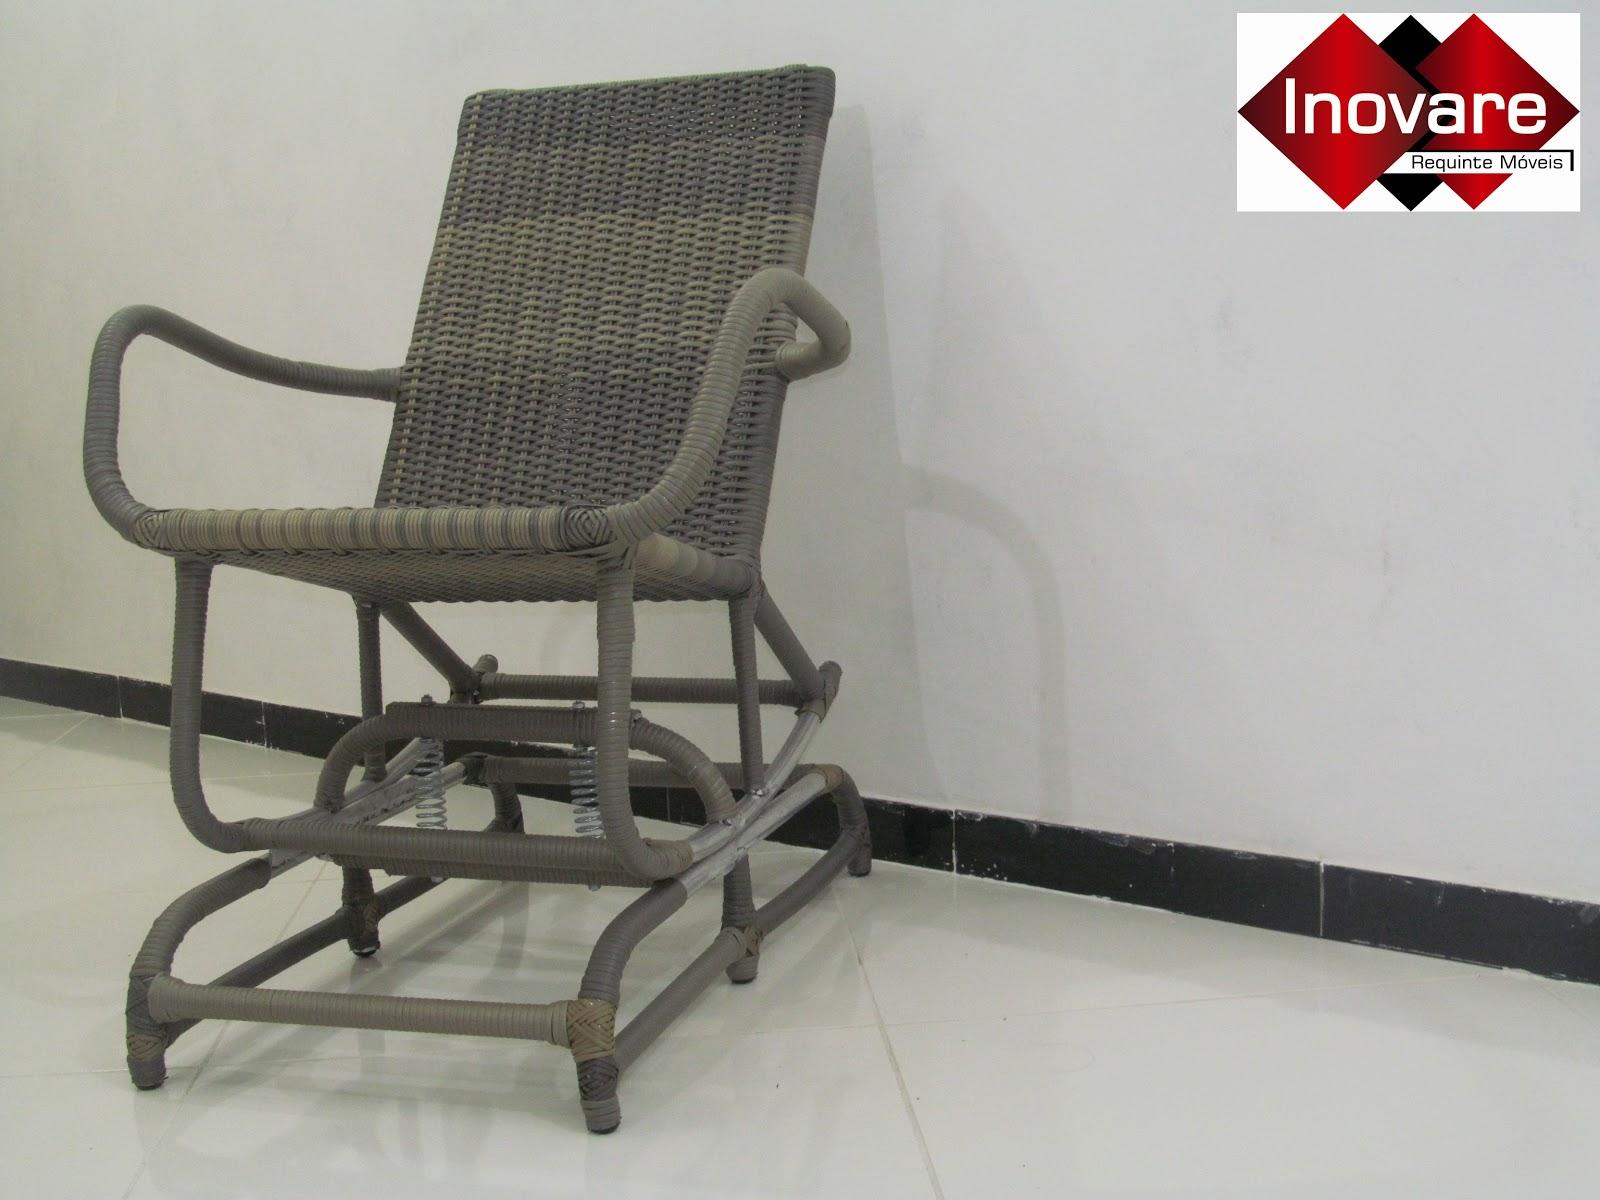 #BD080F Inovare Requinte Móveis : Cadeira de Balanço em Fibra Sintética 1600x1200 px cadeira de balanço para varanda @ bernauer.info Móveis Antigos Novos E Usados Online